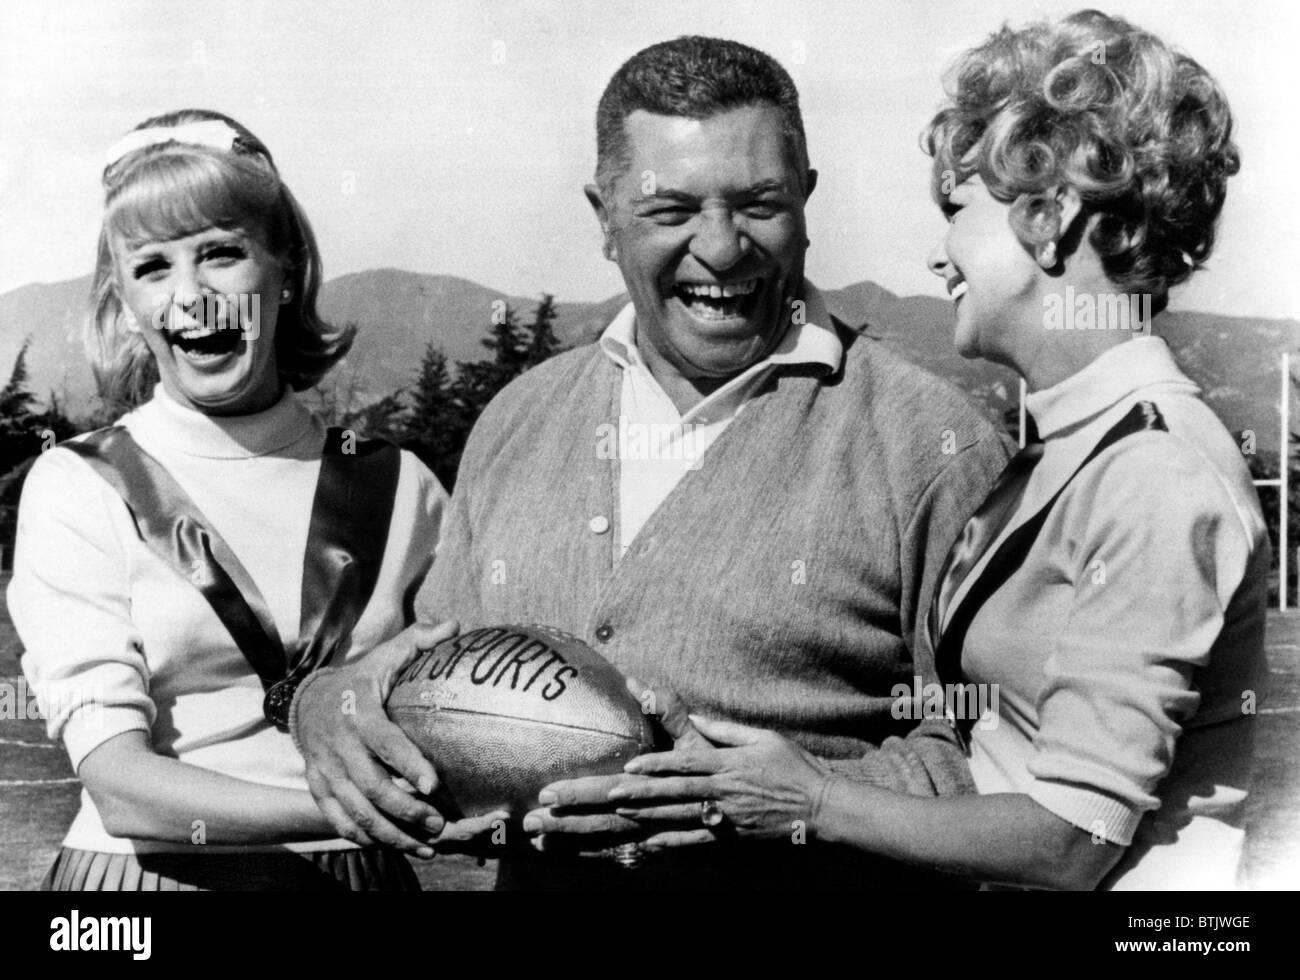 Vince Lombardi, General Manager von den Green Bay Packers und einer der erfolgreichsten Cheftrainer in der Geschichte Stockbild